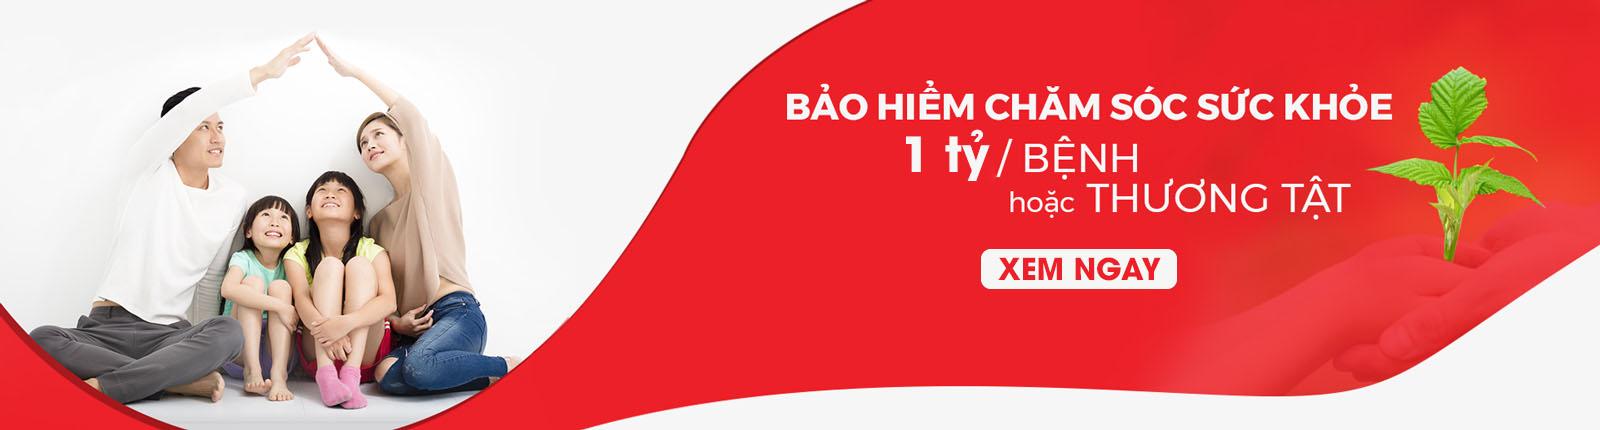 Bảo hiểm An Tâm Hưng Thịnh Toàn Diện của Dai-ichi Việt Nam